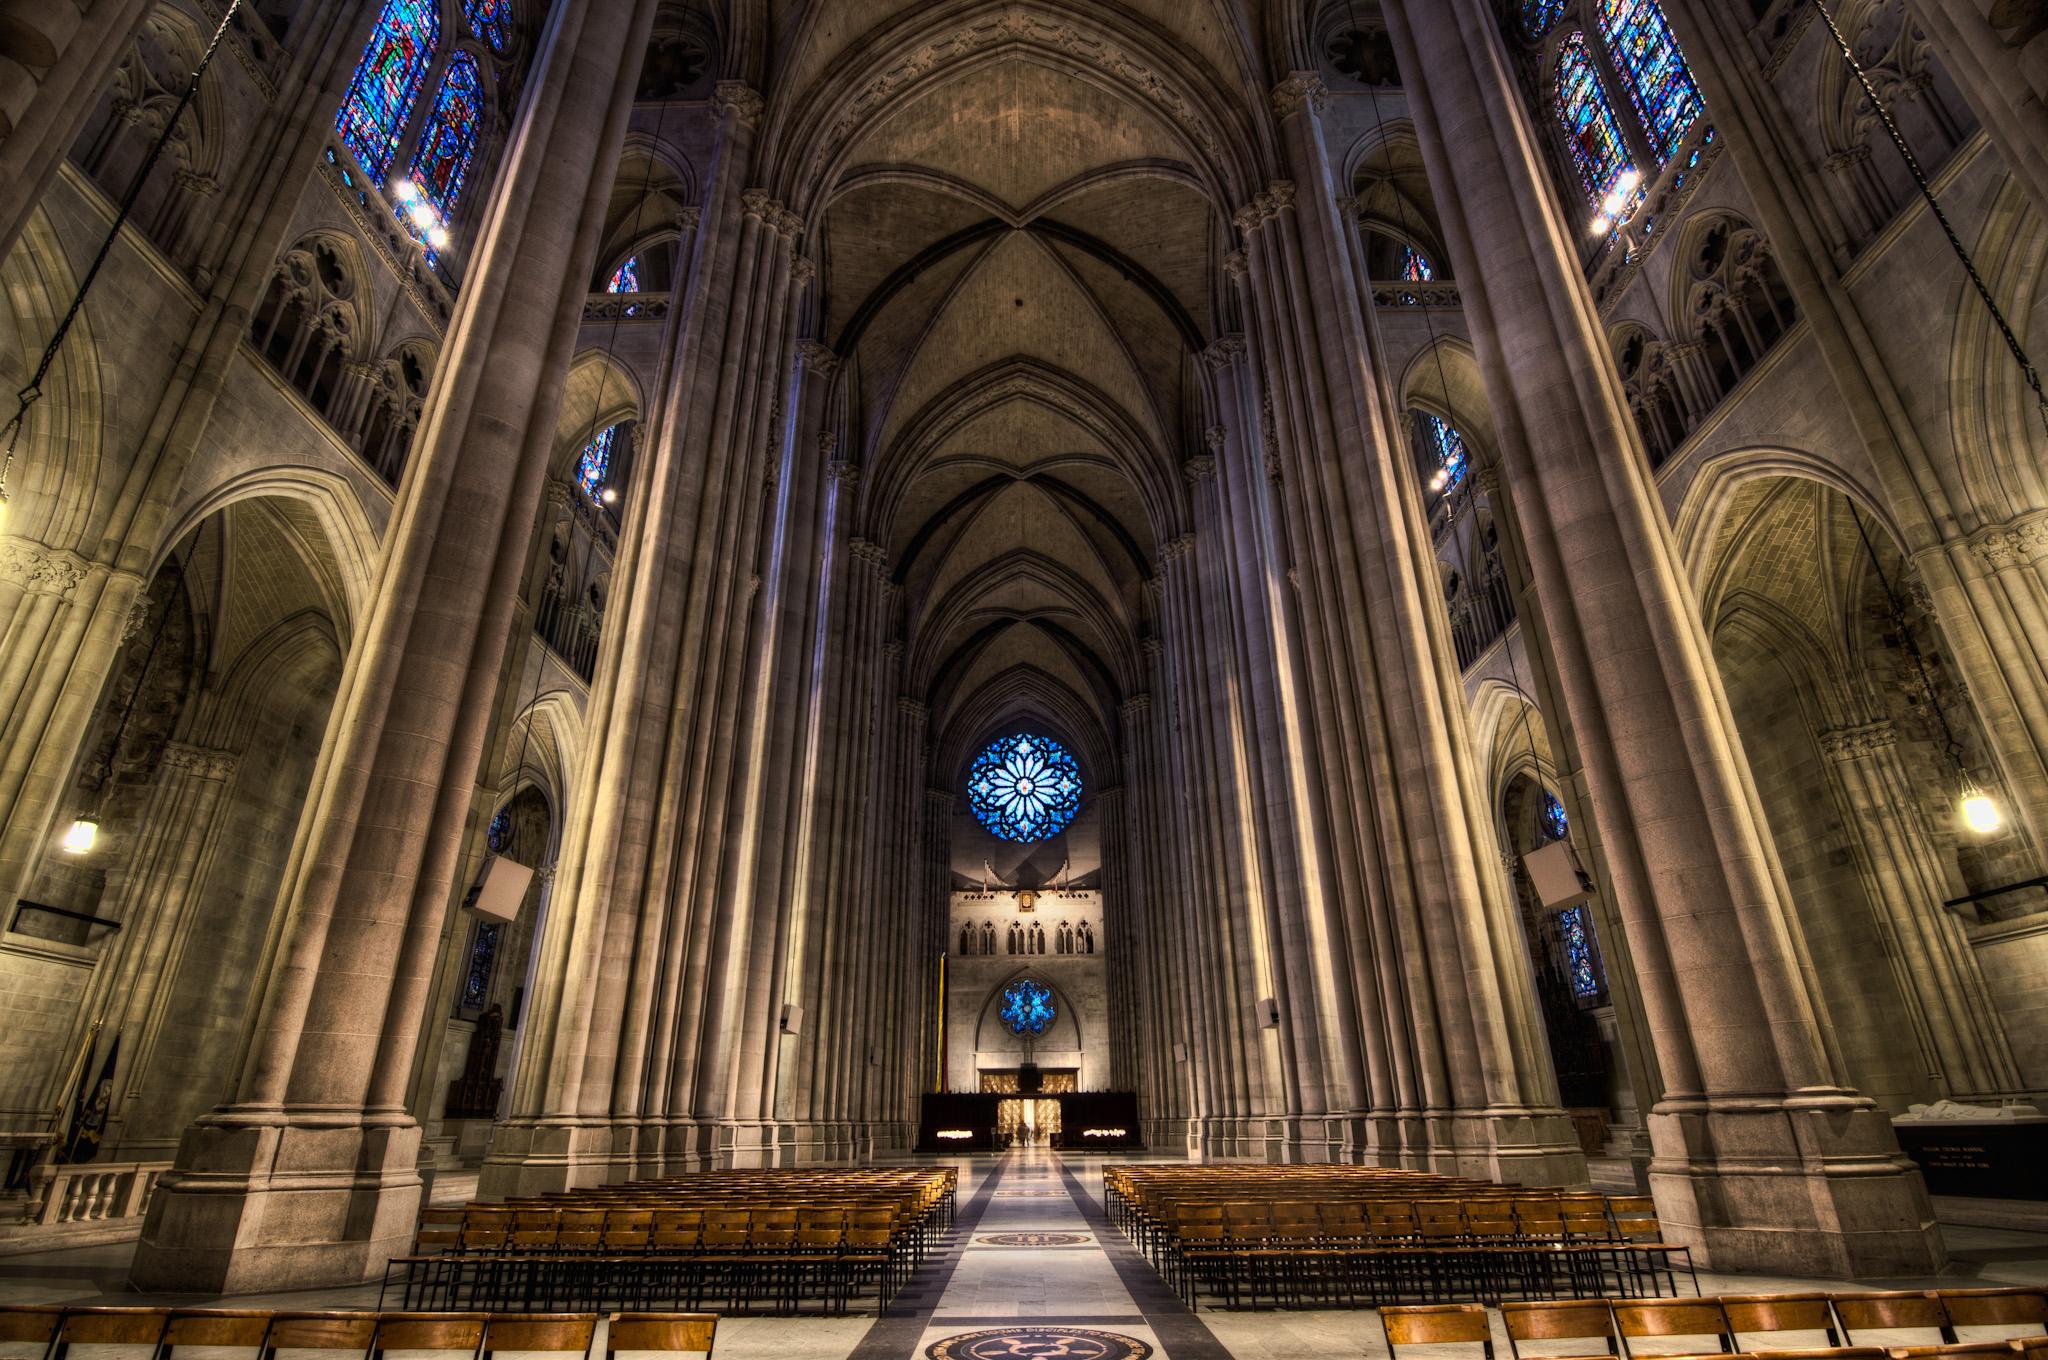 """Cathedral Church of St. John the Divine, 2011. Credit: <a href=""""https://www.flickr.com/photos/litetra/5883079317/in/photolist-9XSjw2-9Ywxdy-4hv9nj-a6QKP-qWBCnF-9qhy3q-8LXWxc-w8d14-8EuSWY-qWtWtu-bWX5aK-9Agyw7-mJ1W1h-89vvnv-8TD48T-8ErKRM-8uAHwd-GL3trk-ouTKbs-cjET5-qWsLUE-8EwFDC-9DgJjB-8EwBbf-97jb5b-afg5R-9qeydg-8ErNiH-re3EZr-8EttVR-pYoqnf-qWzSm8-8Ewkef-pFV7Ph-9Agz4Y-8TGa8s-89vzTZ-8Ewich-pFTnT6-9qhHdL-aF89Gb-rdX3ab-qWzNbK-pW9ZP9-cW5vau-9KDEf2-p2t2Uw-aF86zf-8EwsmJ-aF4iAr"""">Bobby Bradley/Flickr</a>"""